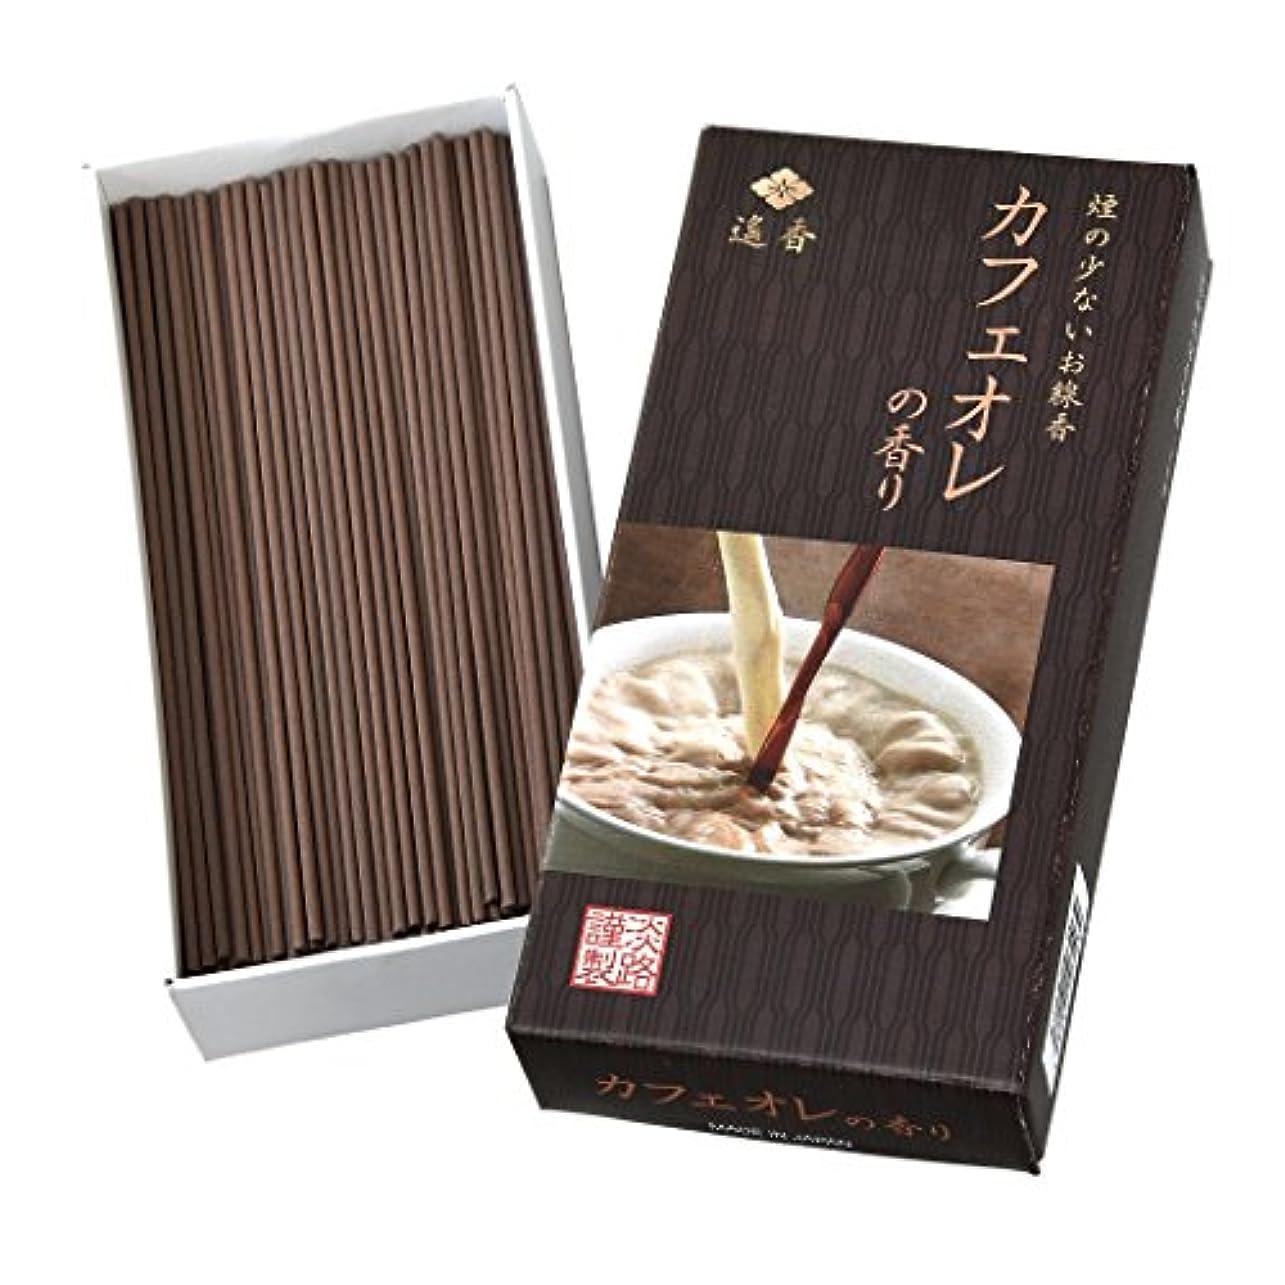 ナプキンギャロップニッケル遙香 カフェオレの香り 3個セット